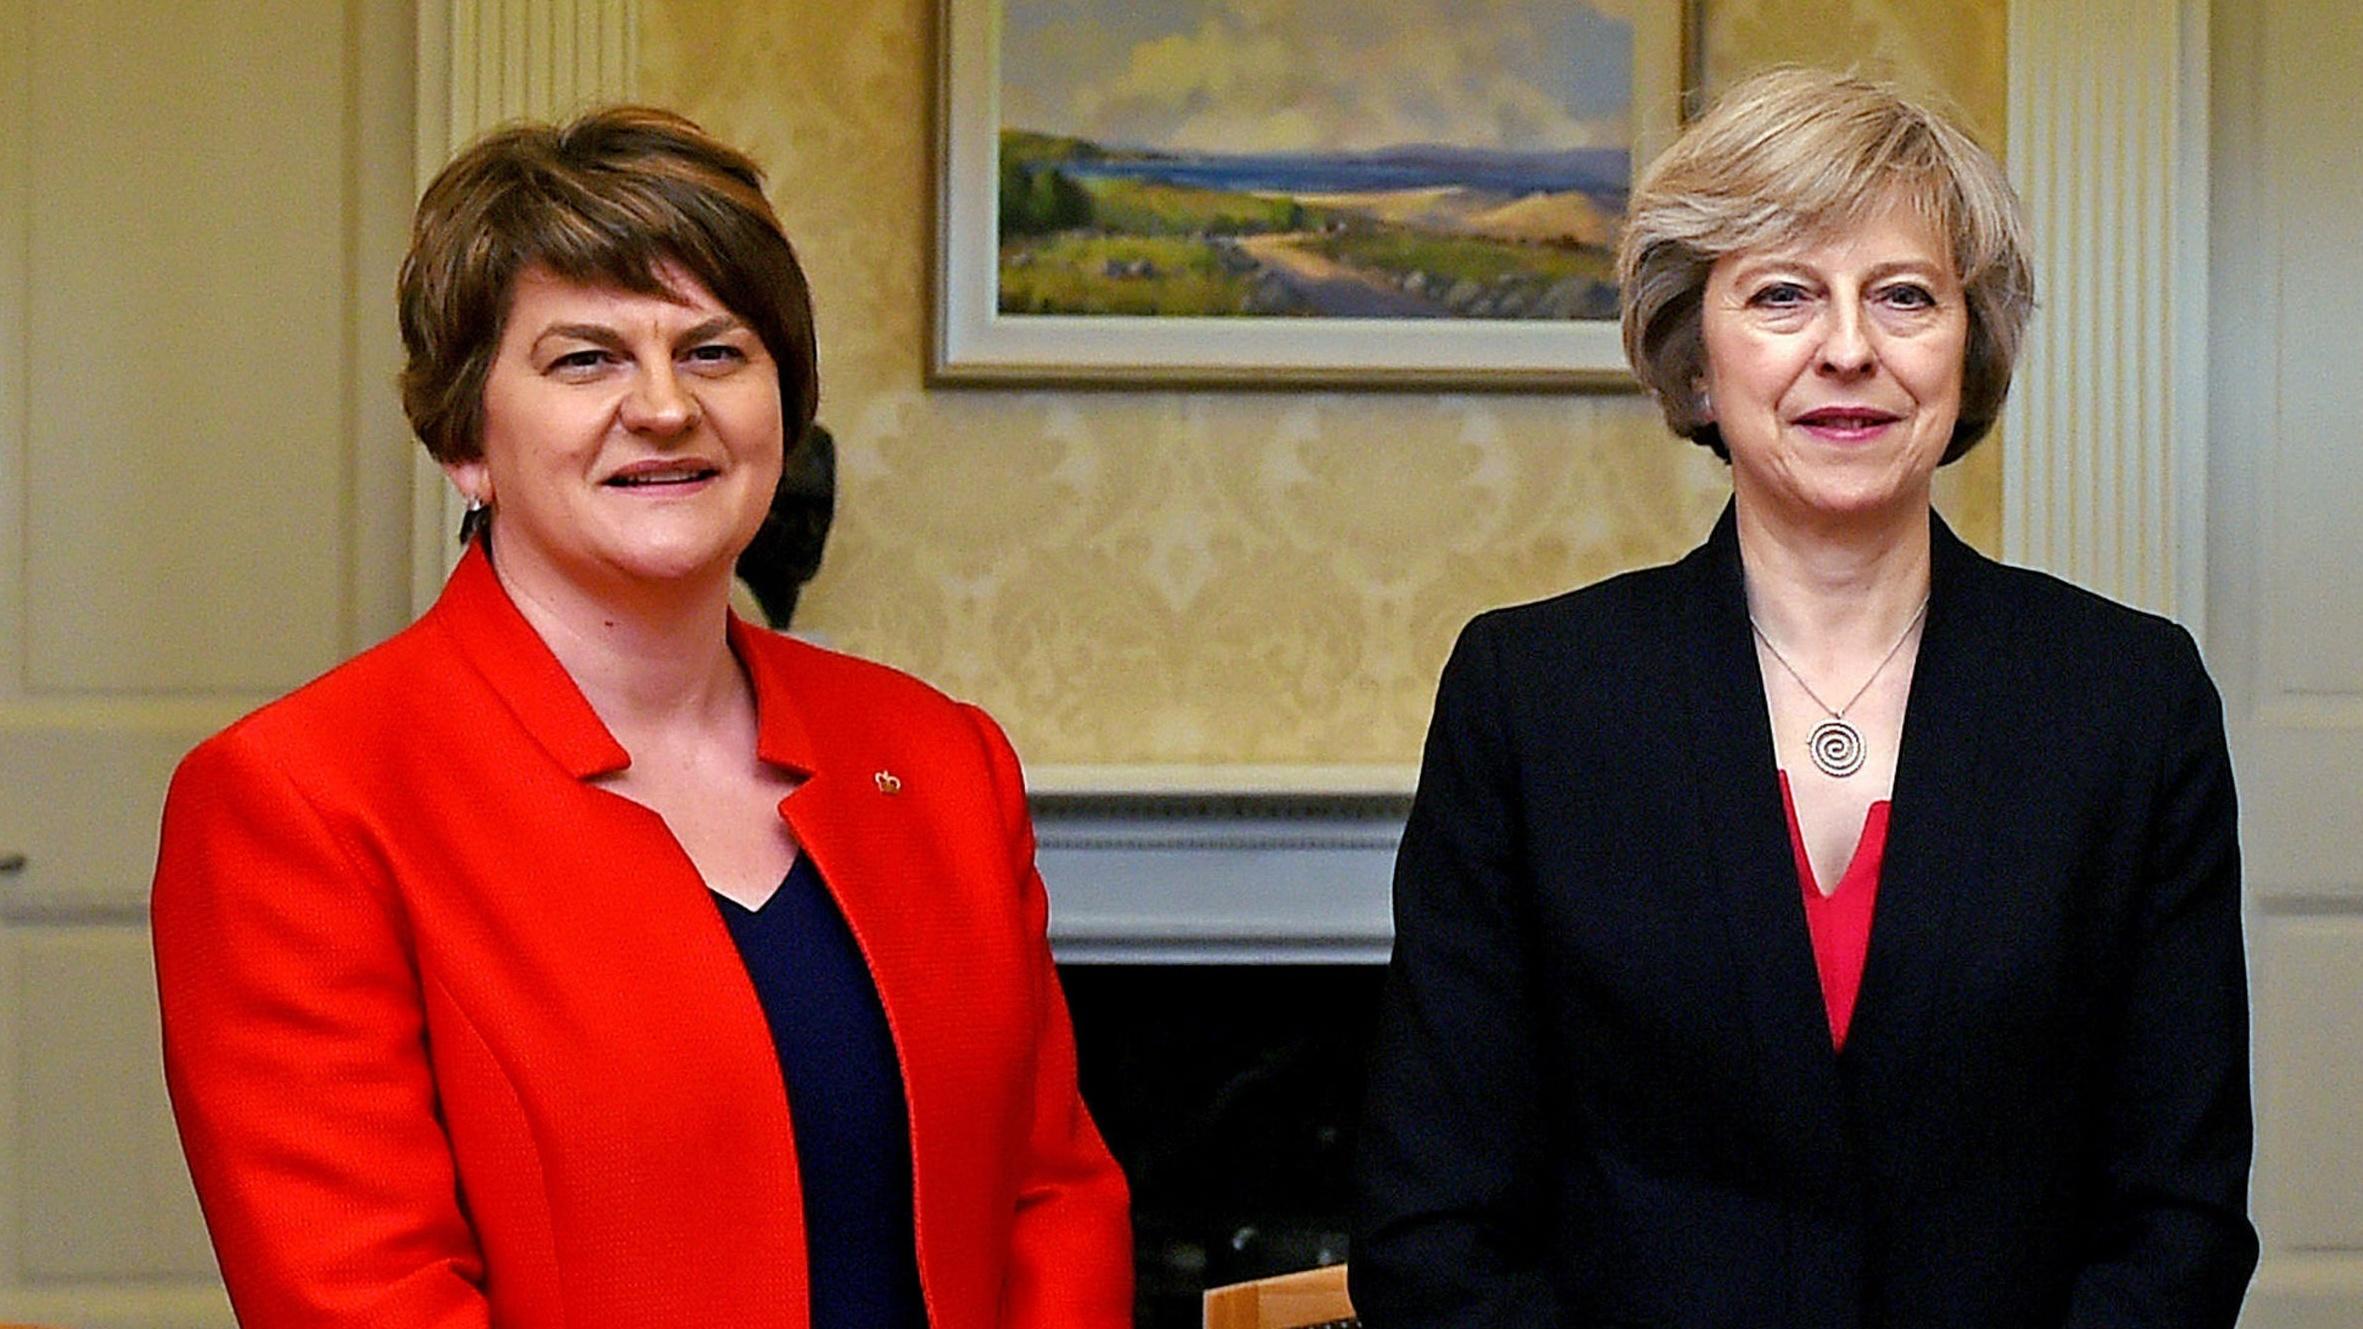 الحزب الوحدوي الديمقراطي الأيرلندي يرفض دعم إجراء استفتاء ثان بشأن بريكست